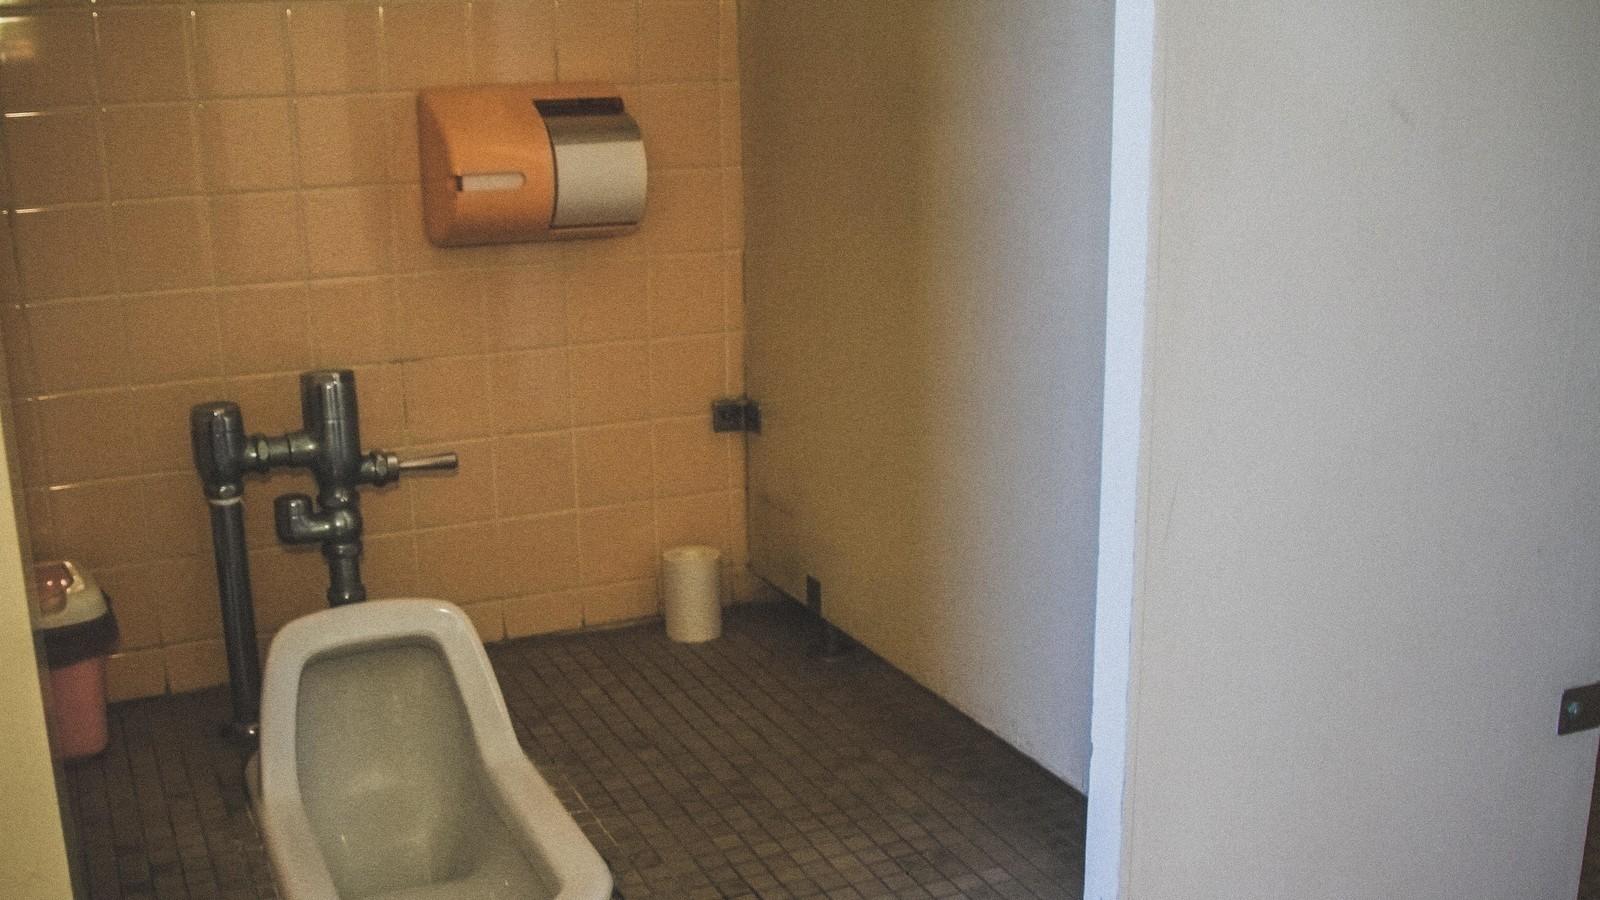 ▲公共廁所,廁所,。(圖/取自免費圖庫Pakutaso)